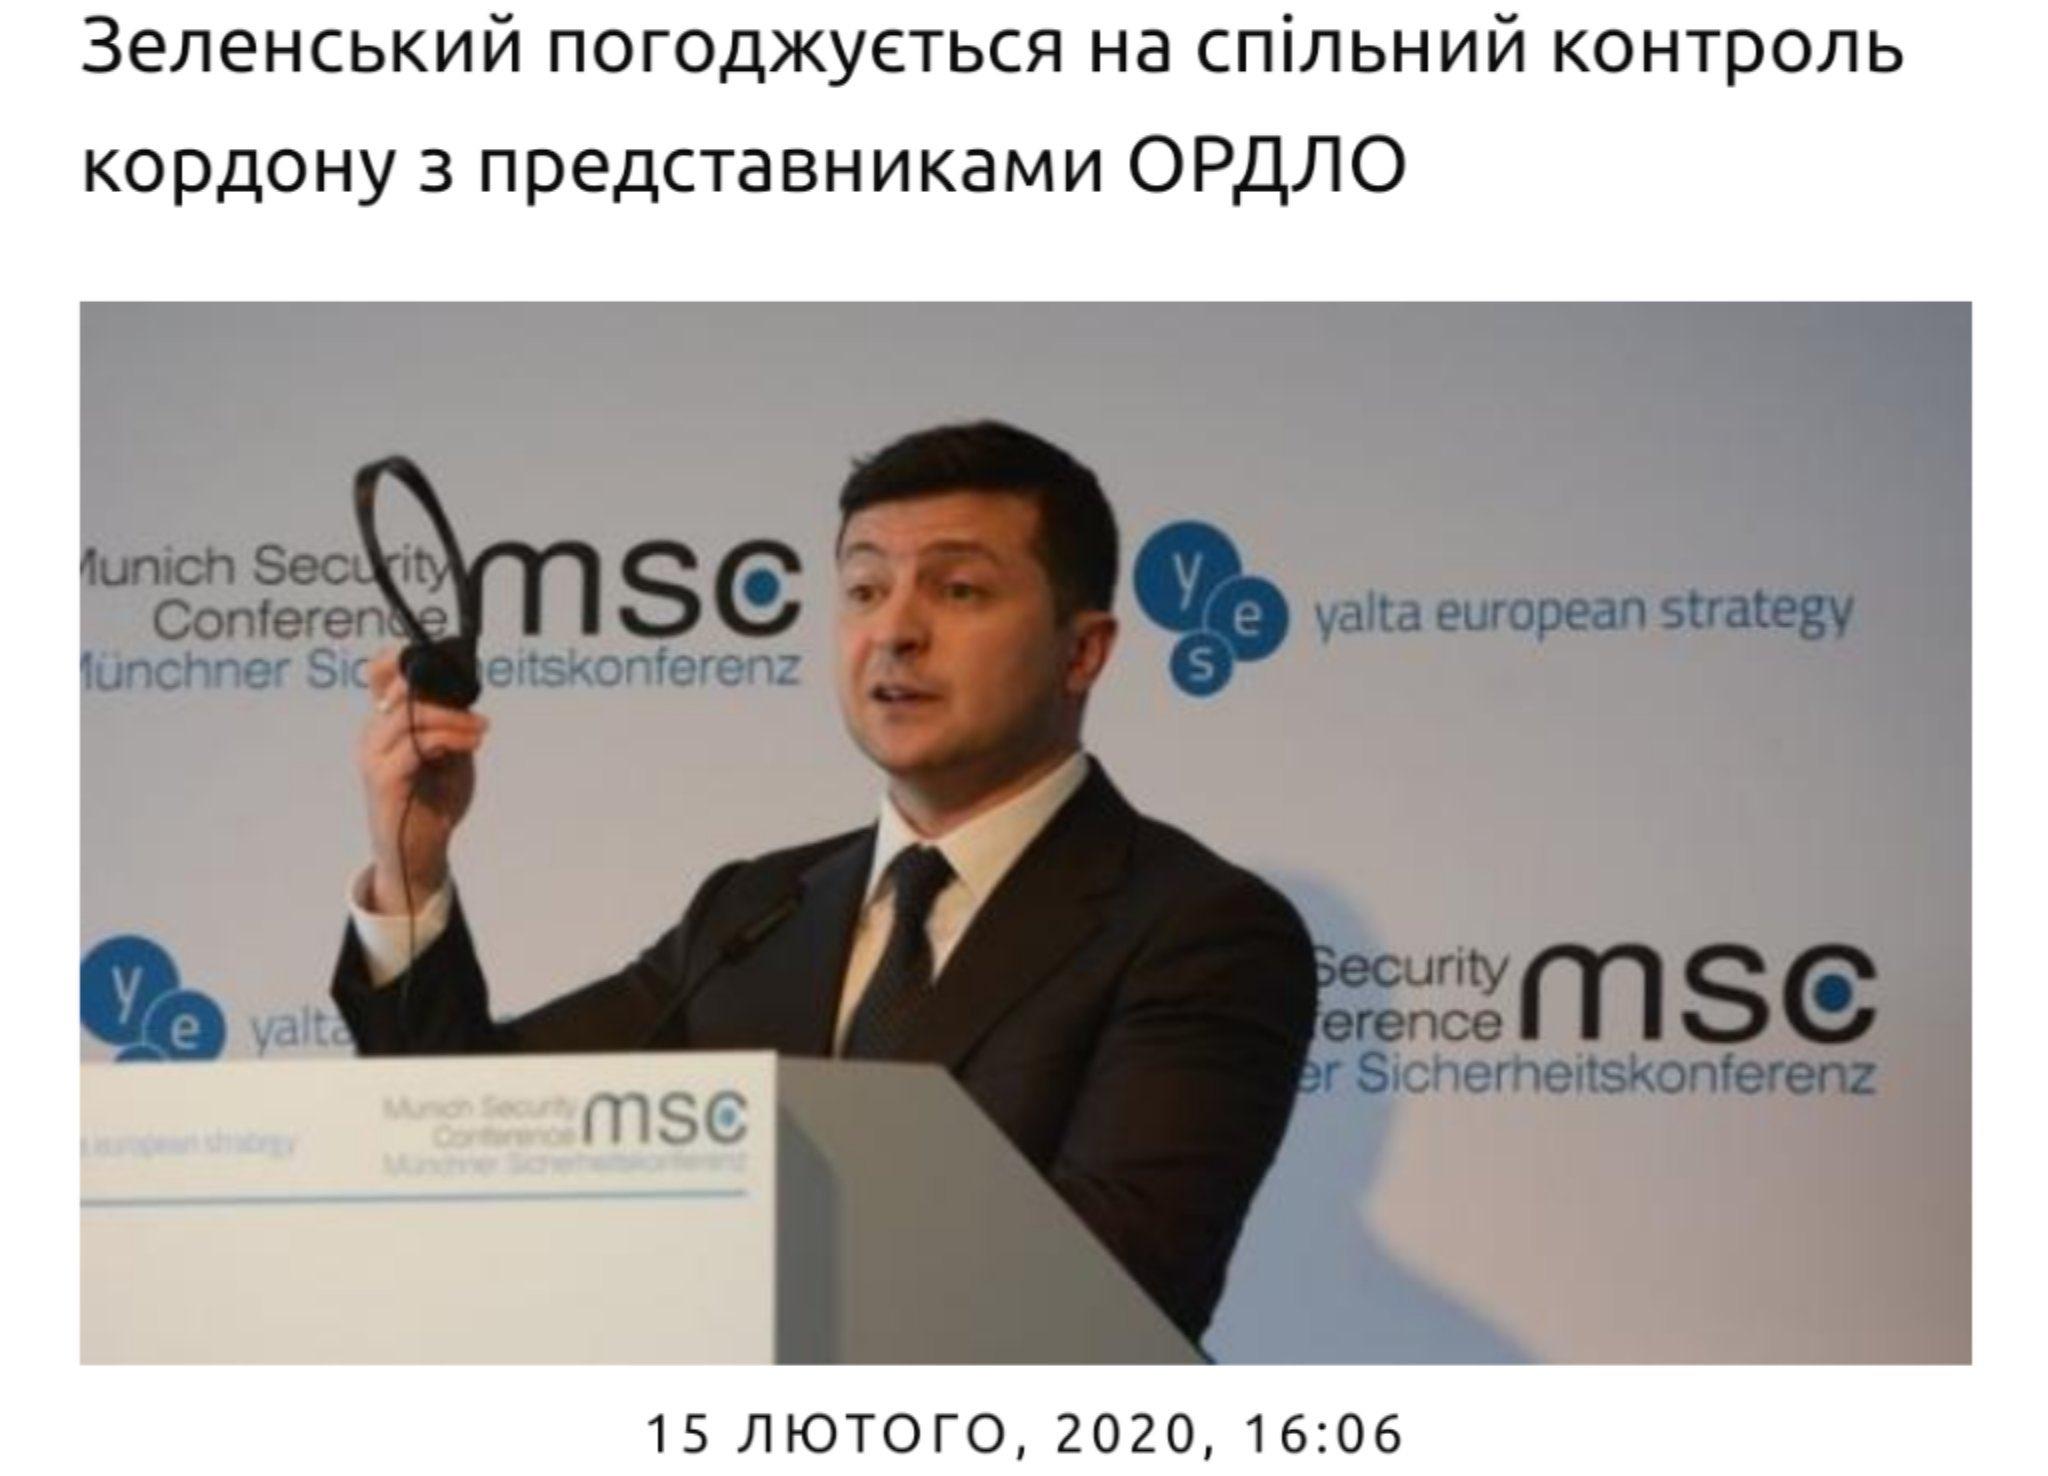 Біля Станиці Луганської знайшли снаряд, що перебуває на озброєнні армії РФ, - прокуратура - Цензор.НЕТ 2628